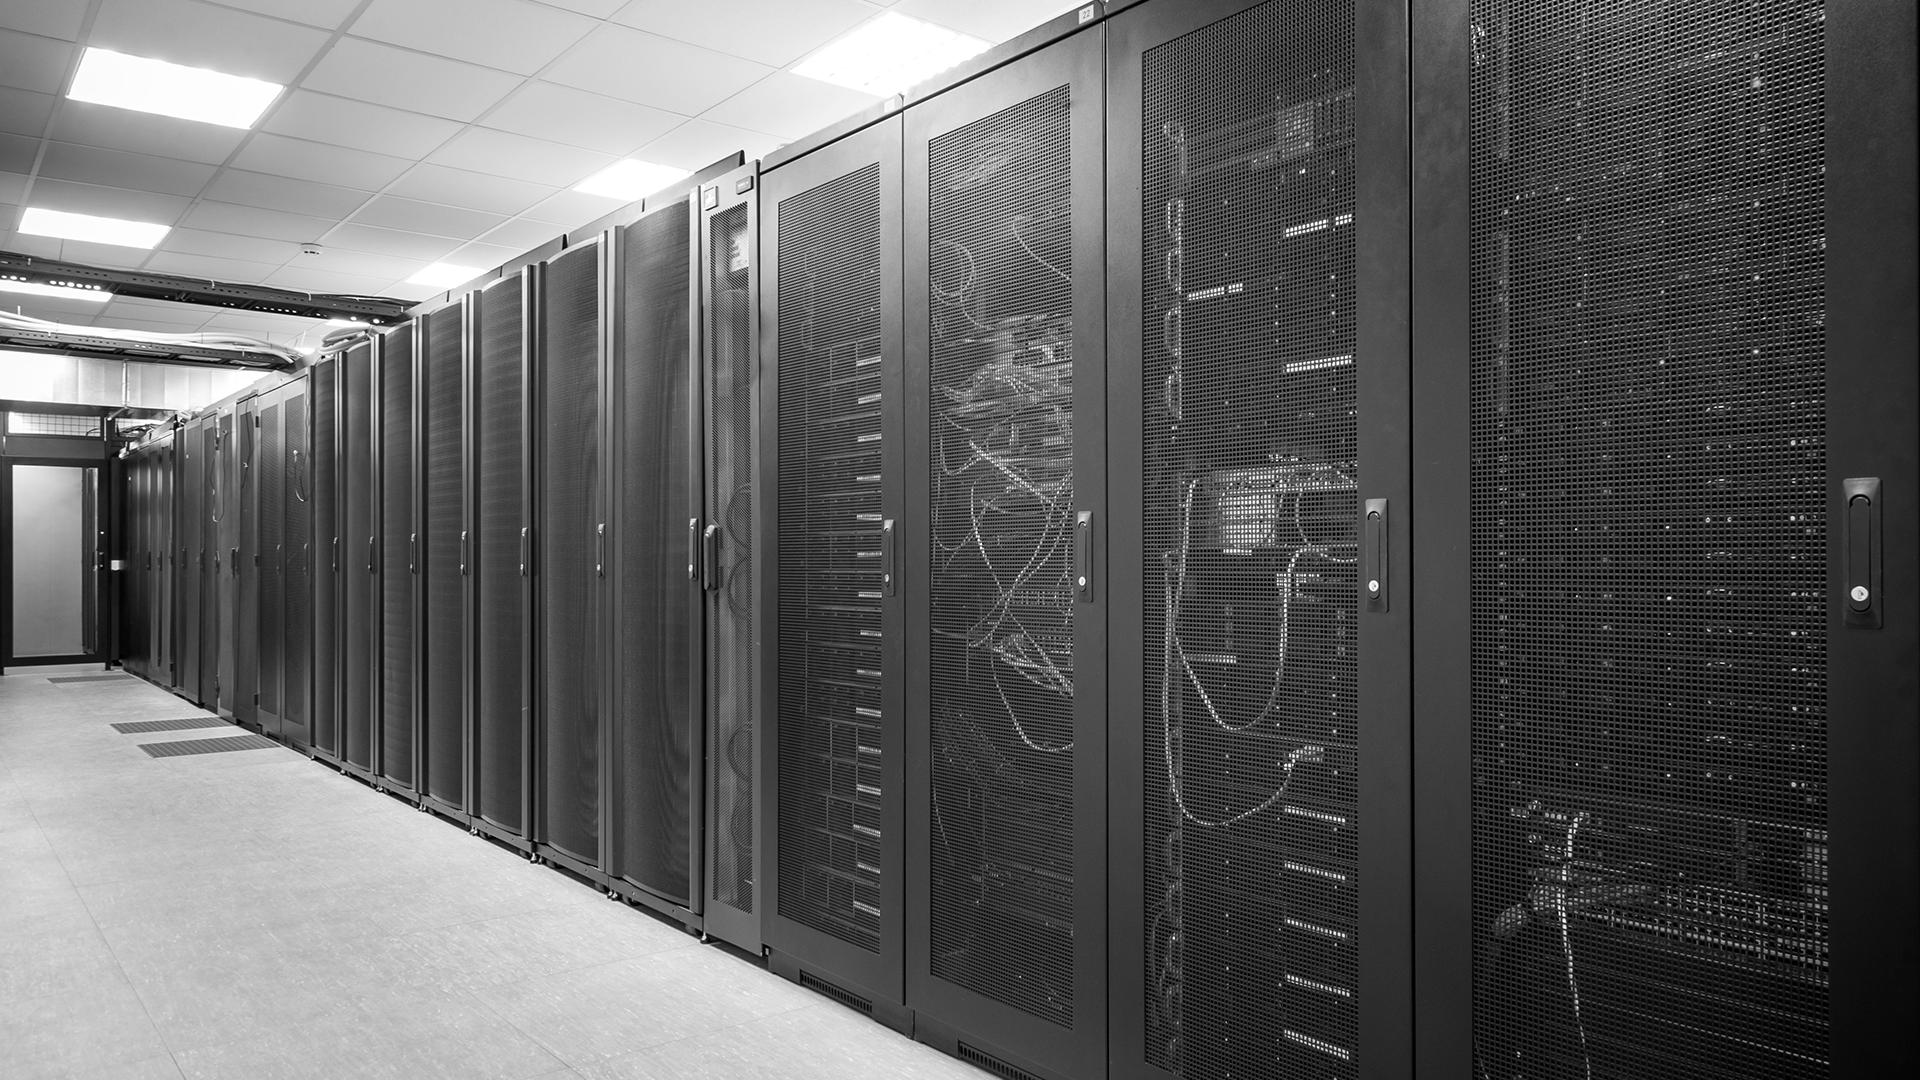 slide picture data center blackwhite